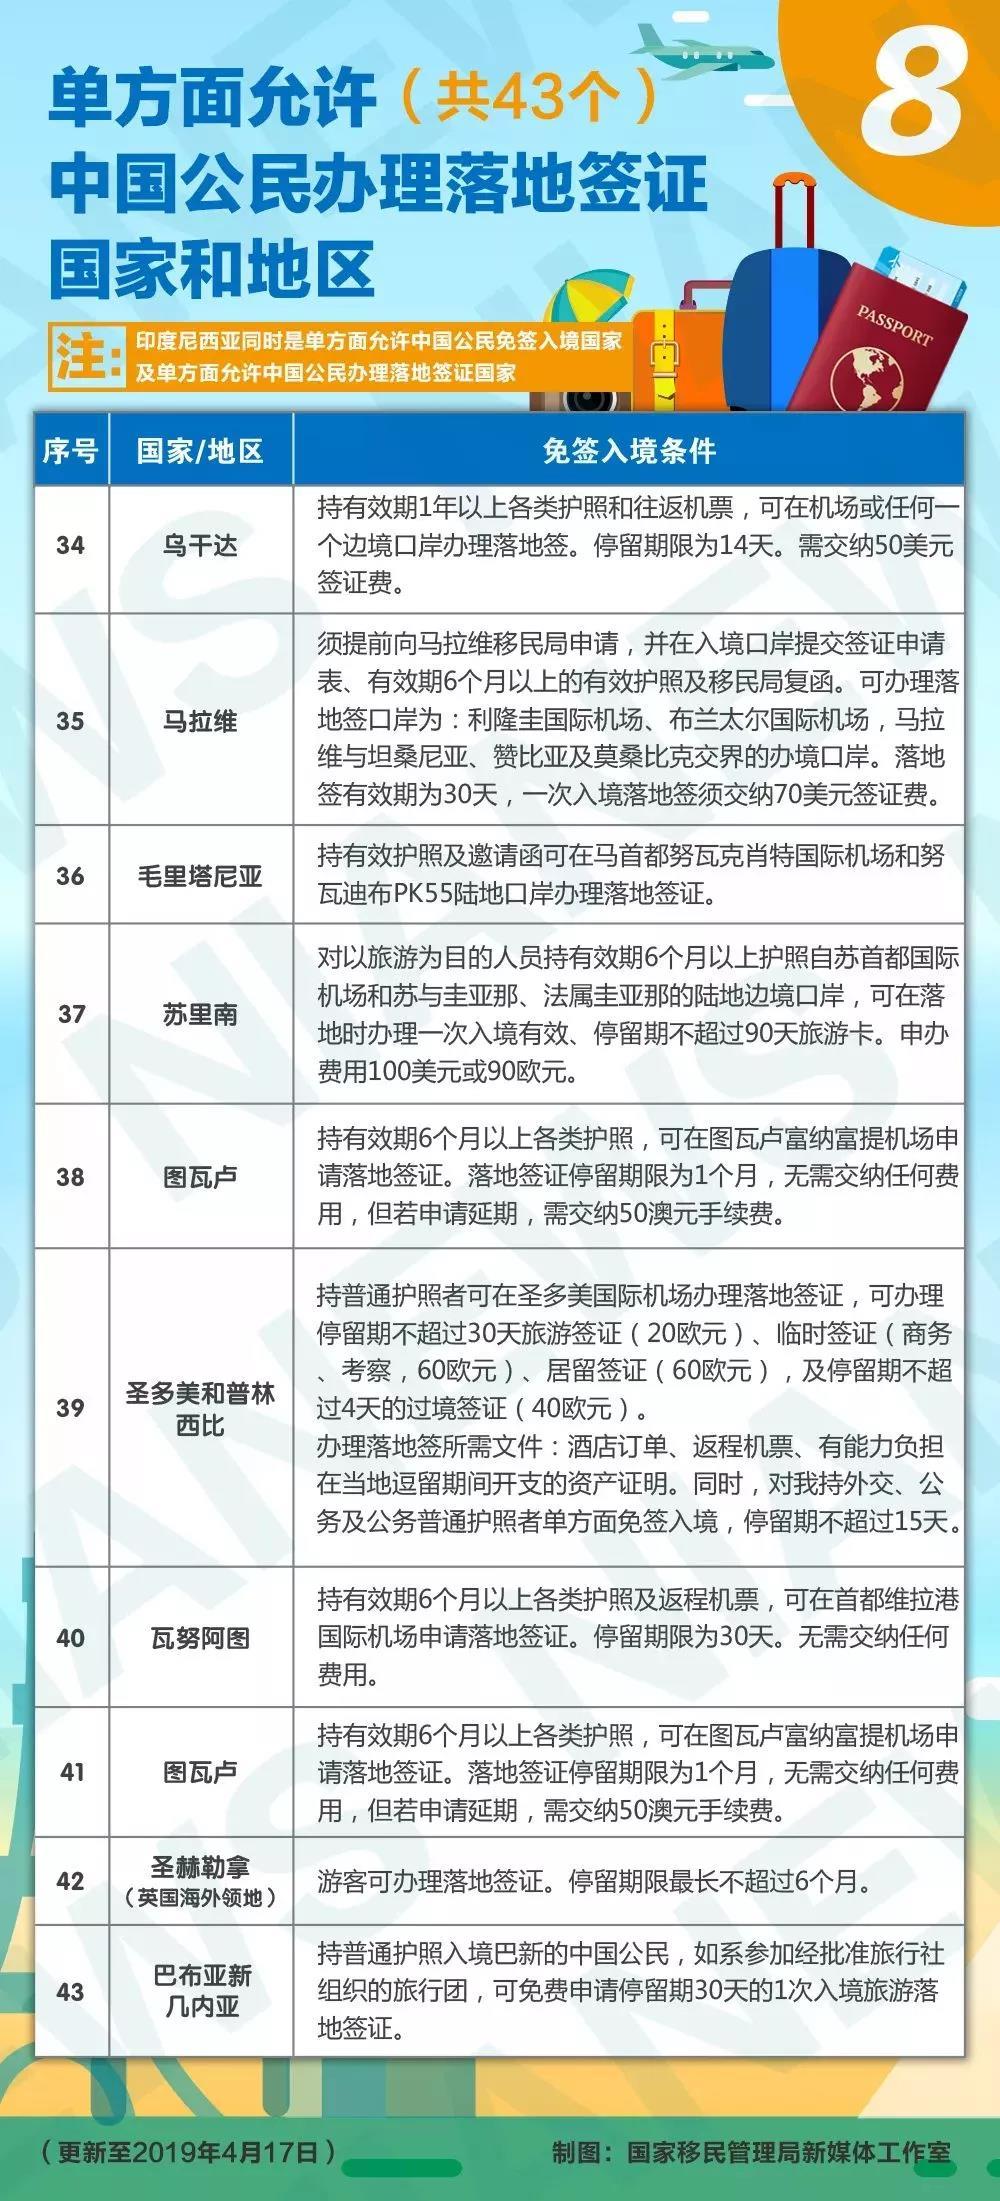 2019中国普通护照免签、落地签国家和地区一览